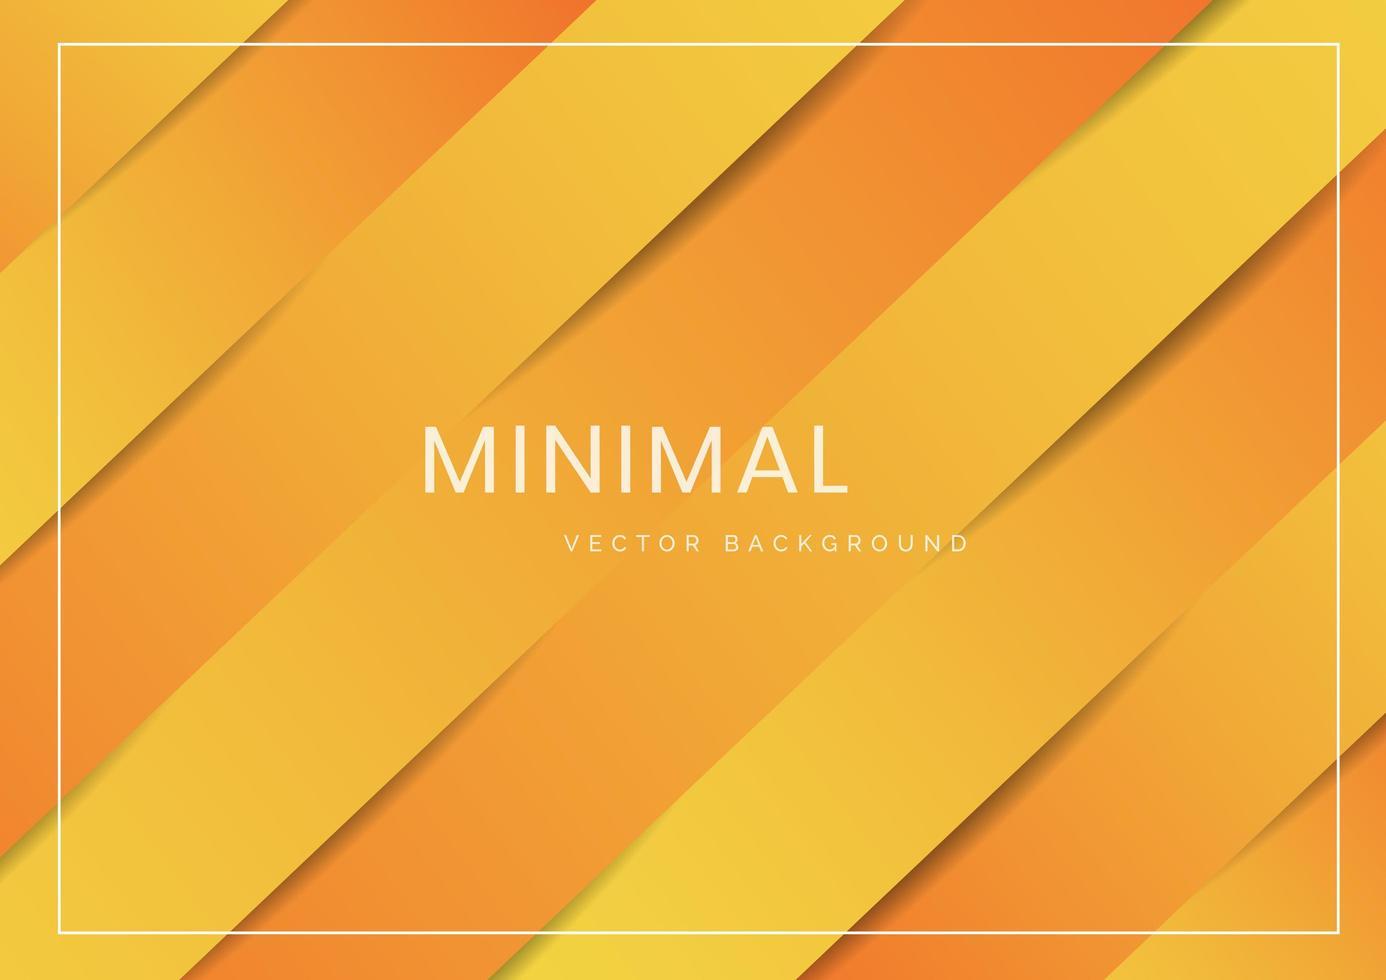 fundo abstrato, moderno, diagonal amarelo e laranja vetor